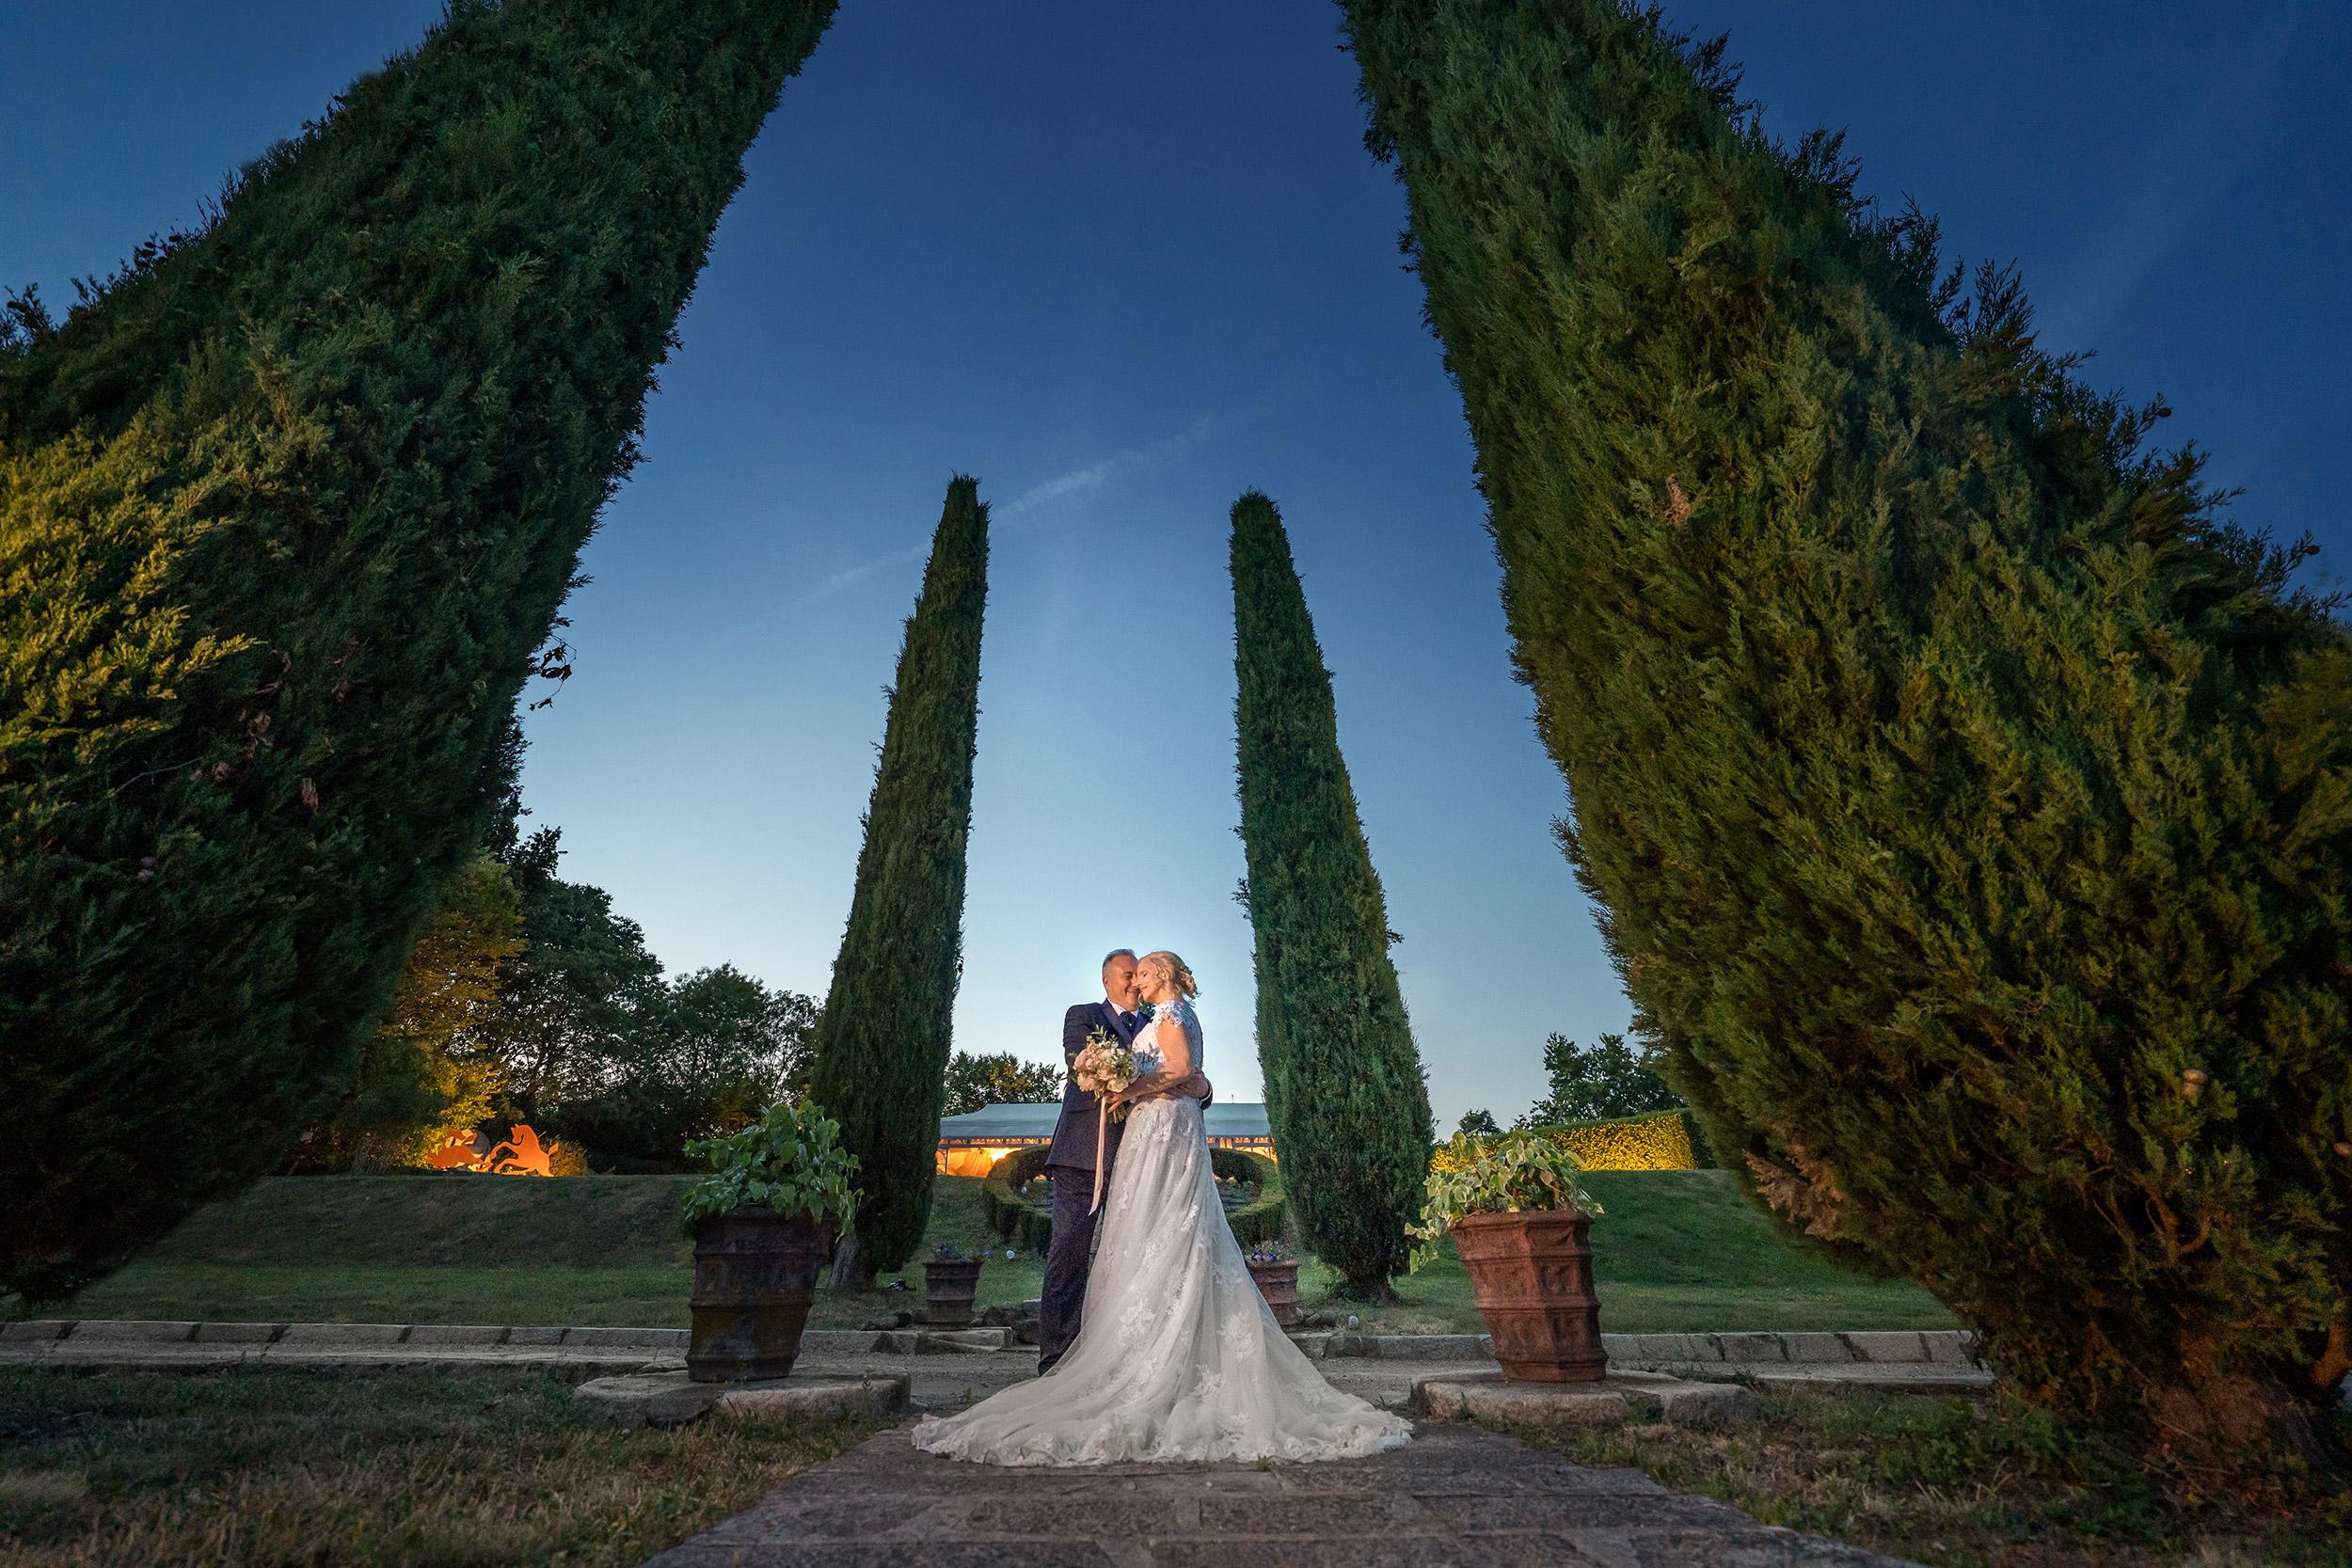 000 fotografo matrimonio reportage wedding sposi bacio castello cernusco lombardone lecco 2